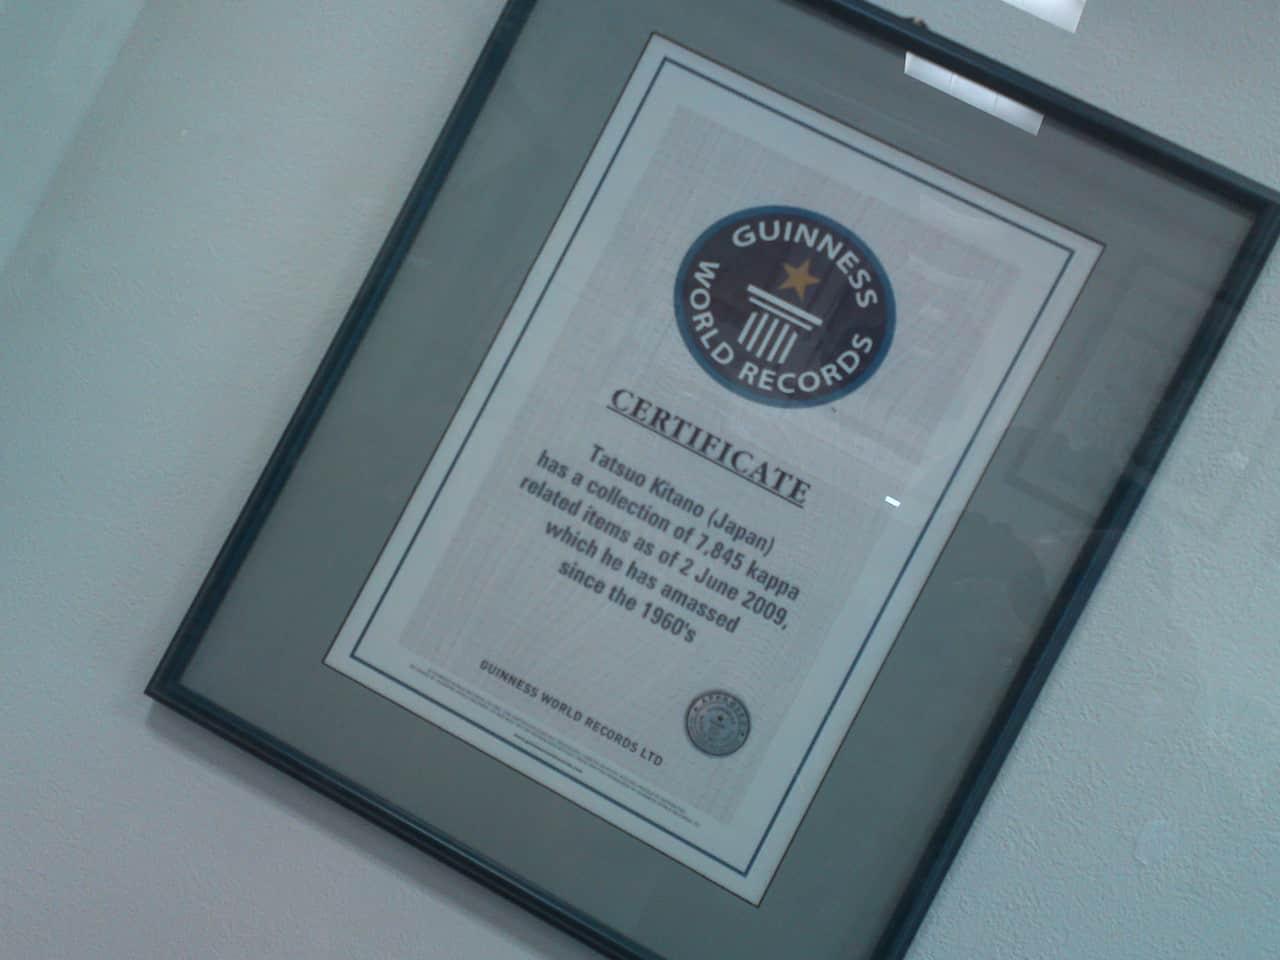 Collection de Kappa au Musée de Kappa de Tach-chan's dans la Ville de Yaizu avec le certificat